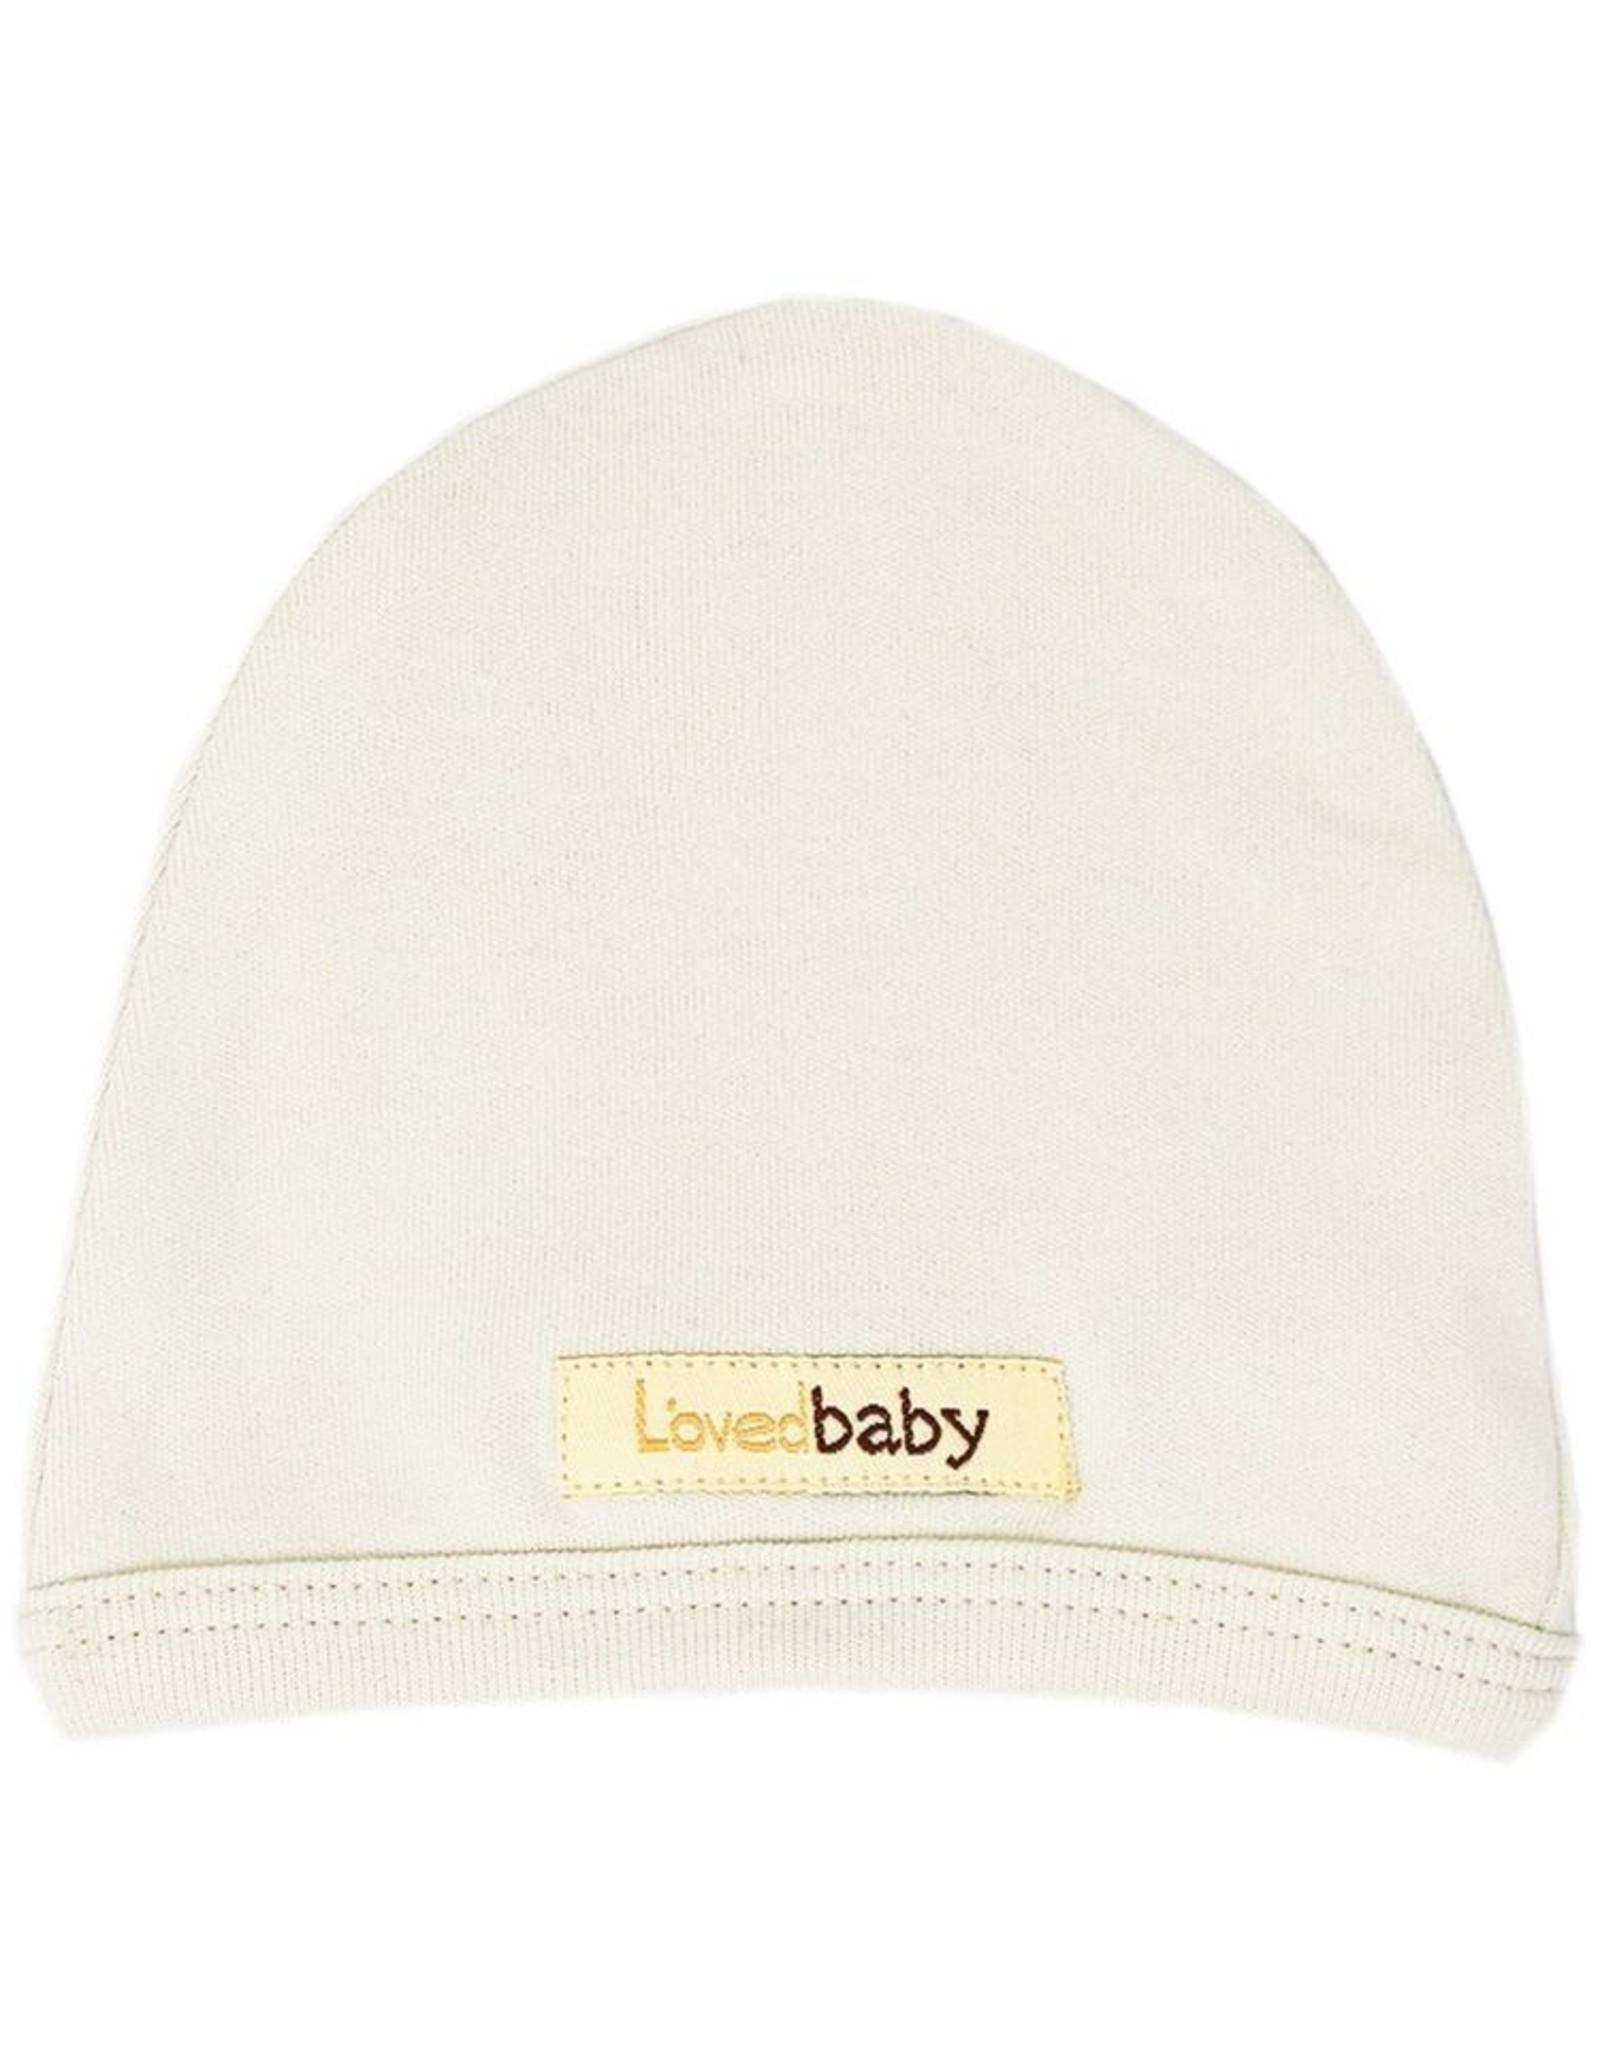 L'oved Baby Organic Cute Cap- Beige